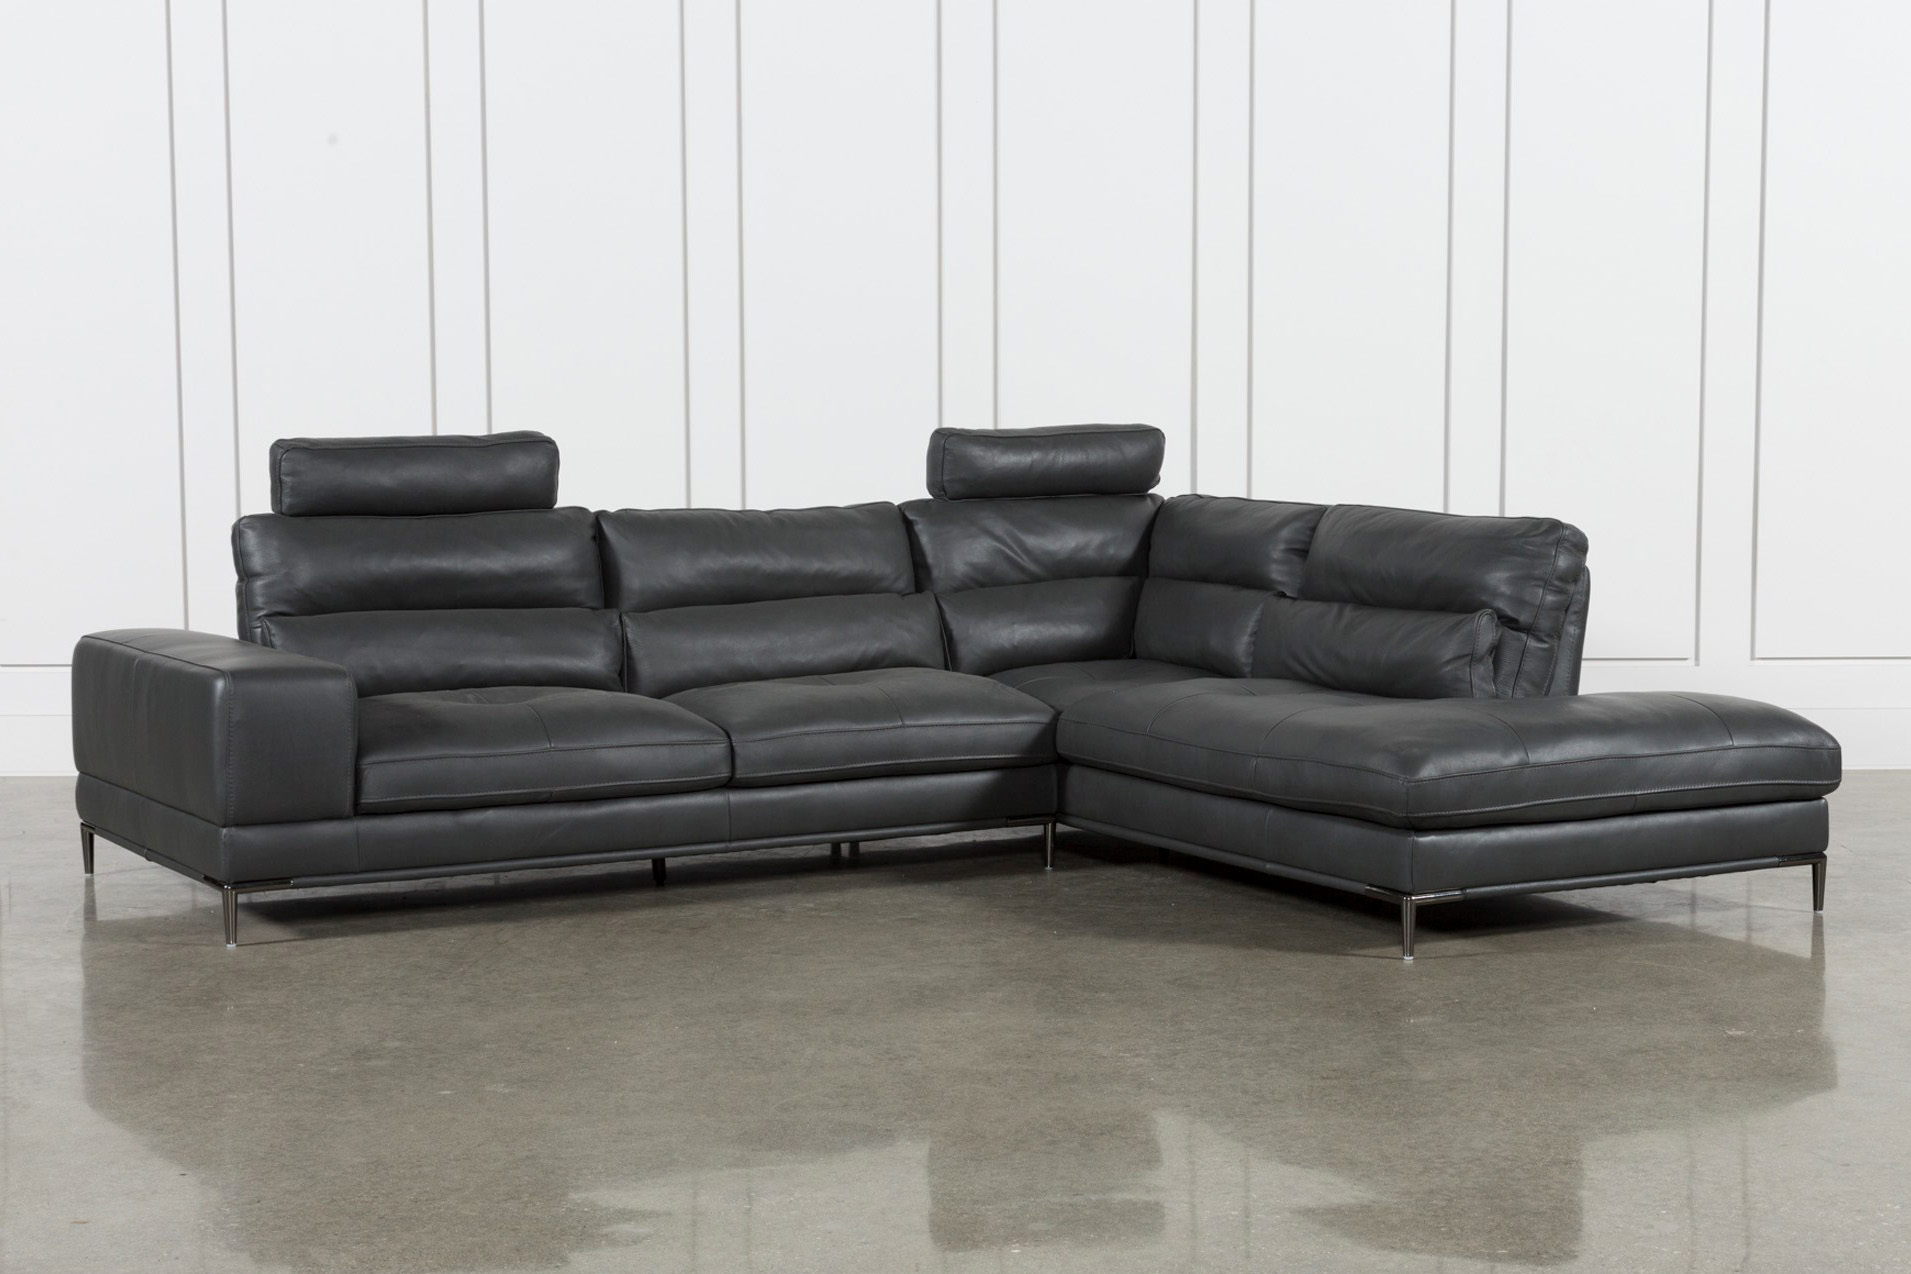 Tenny Dark Grey 2 Piece Raf Chaise Sectional W/2 Headrest